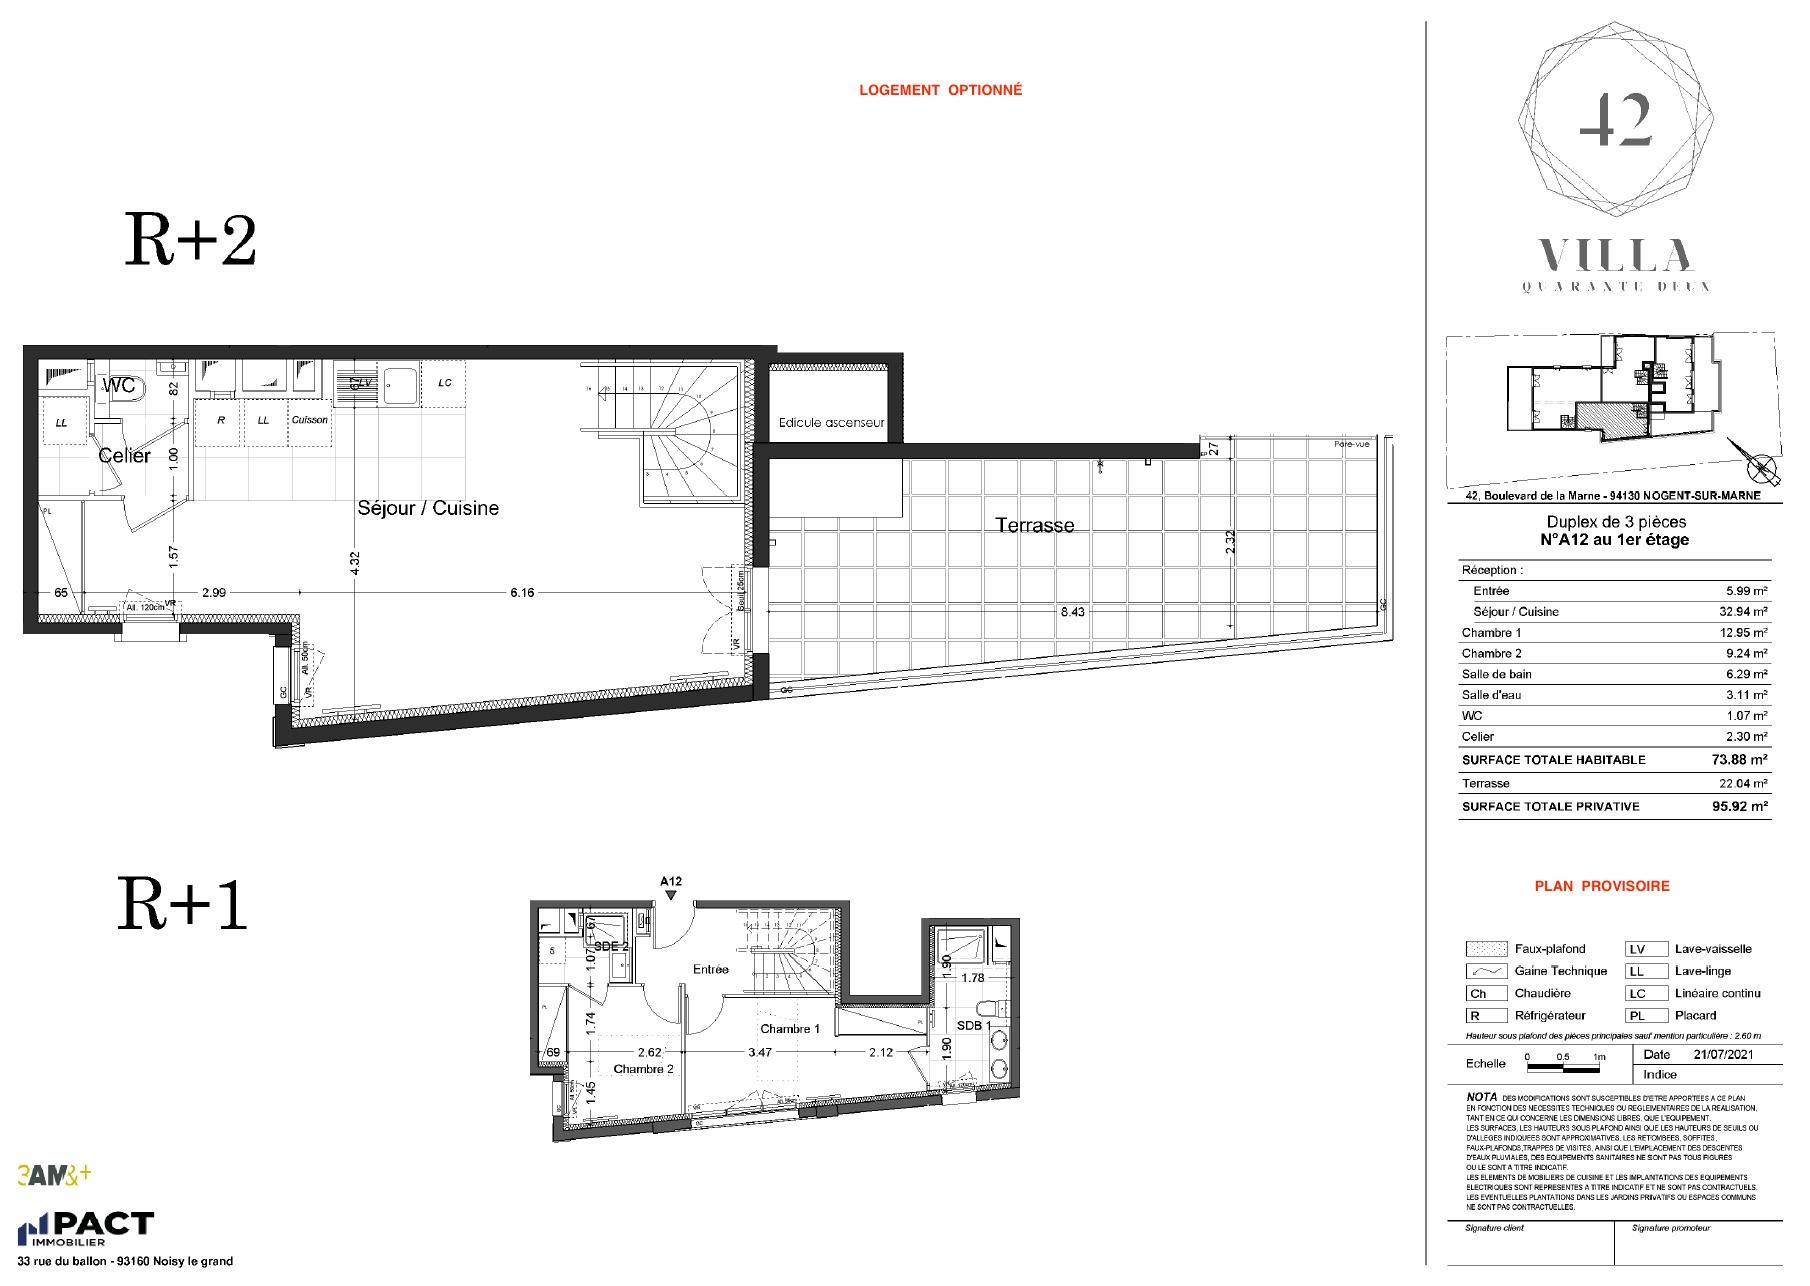 T3 Duplex - 73,88 m² - 1/2 ème étage - Terrasse - Parking